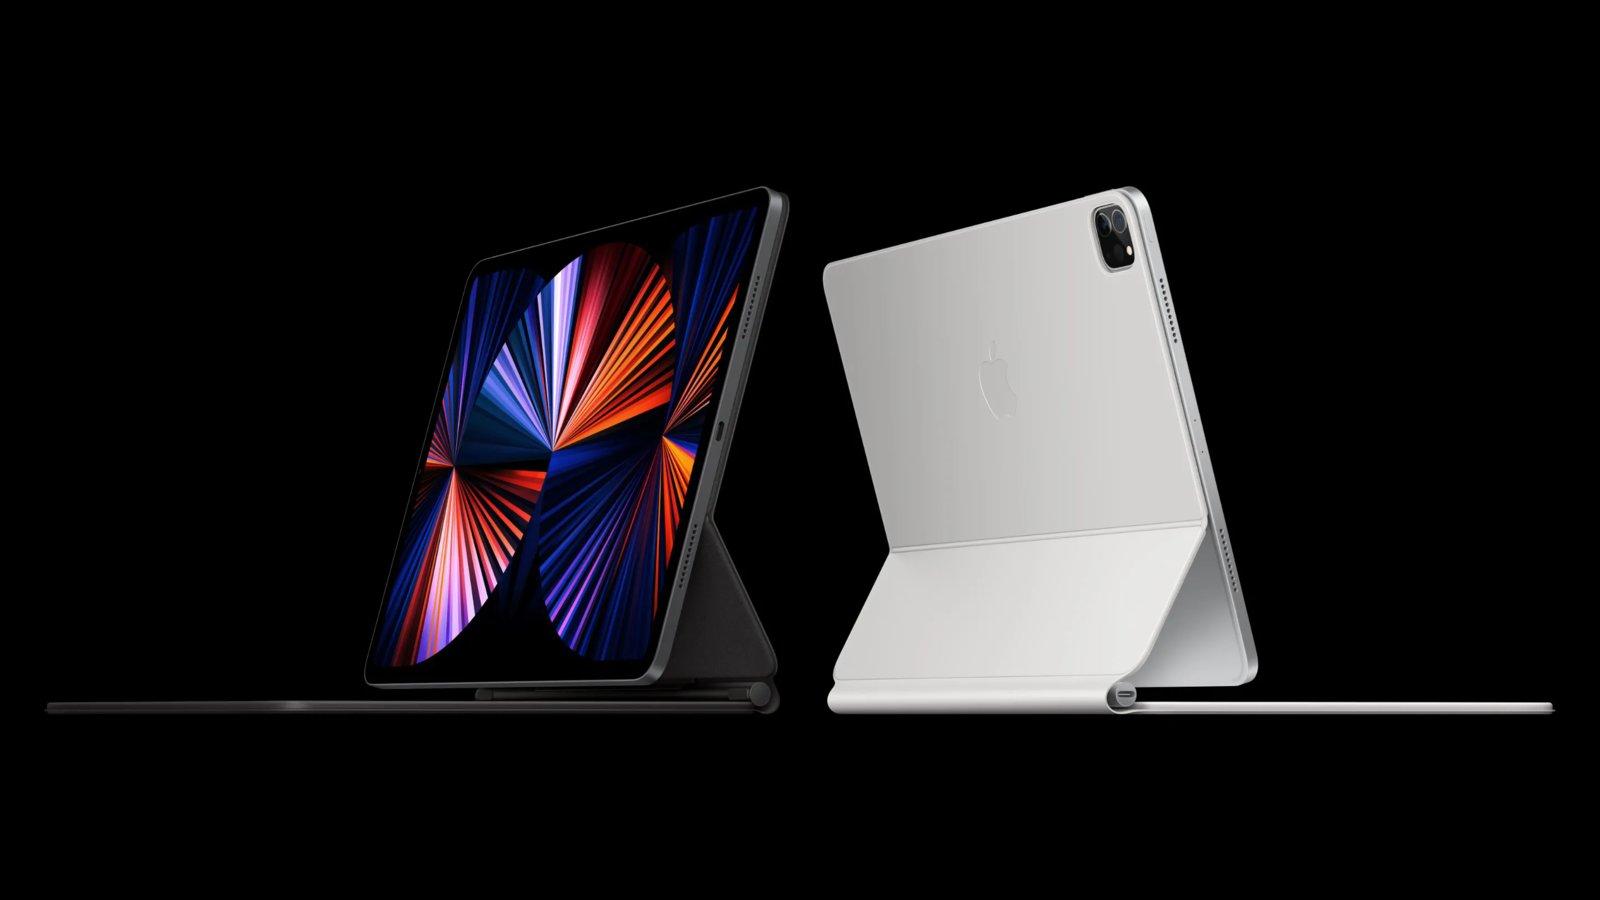 Apple sorprende con la presentación de un nuevo iPad estándar y un iPad Mini